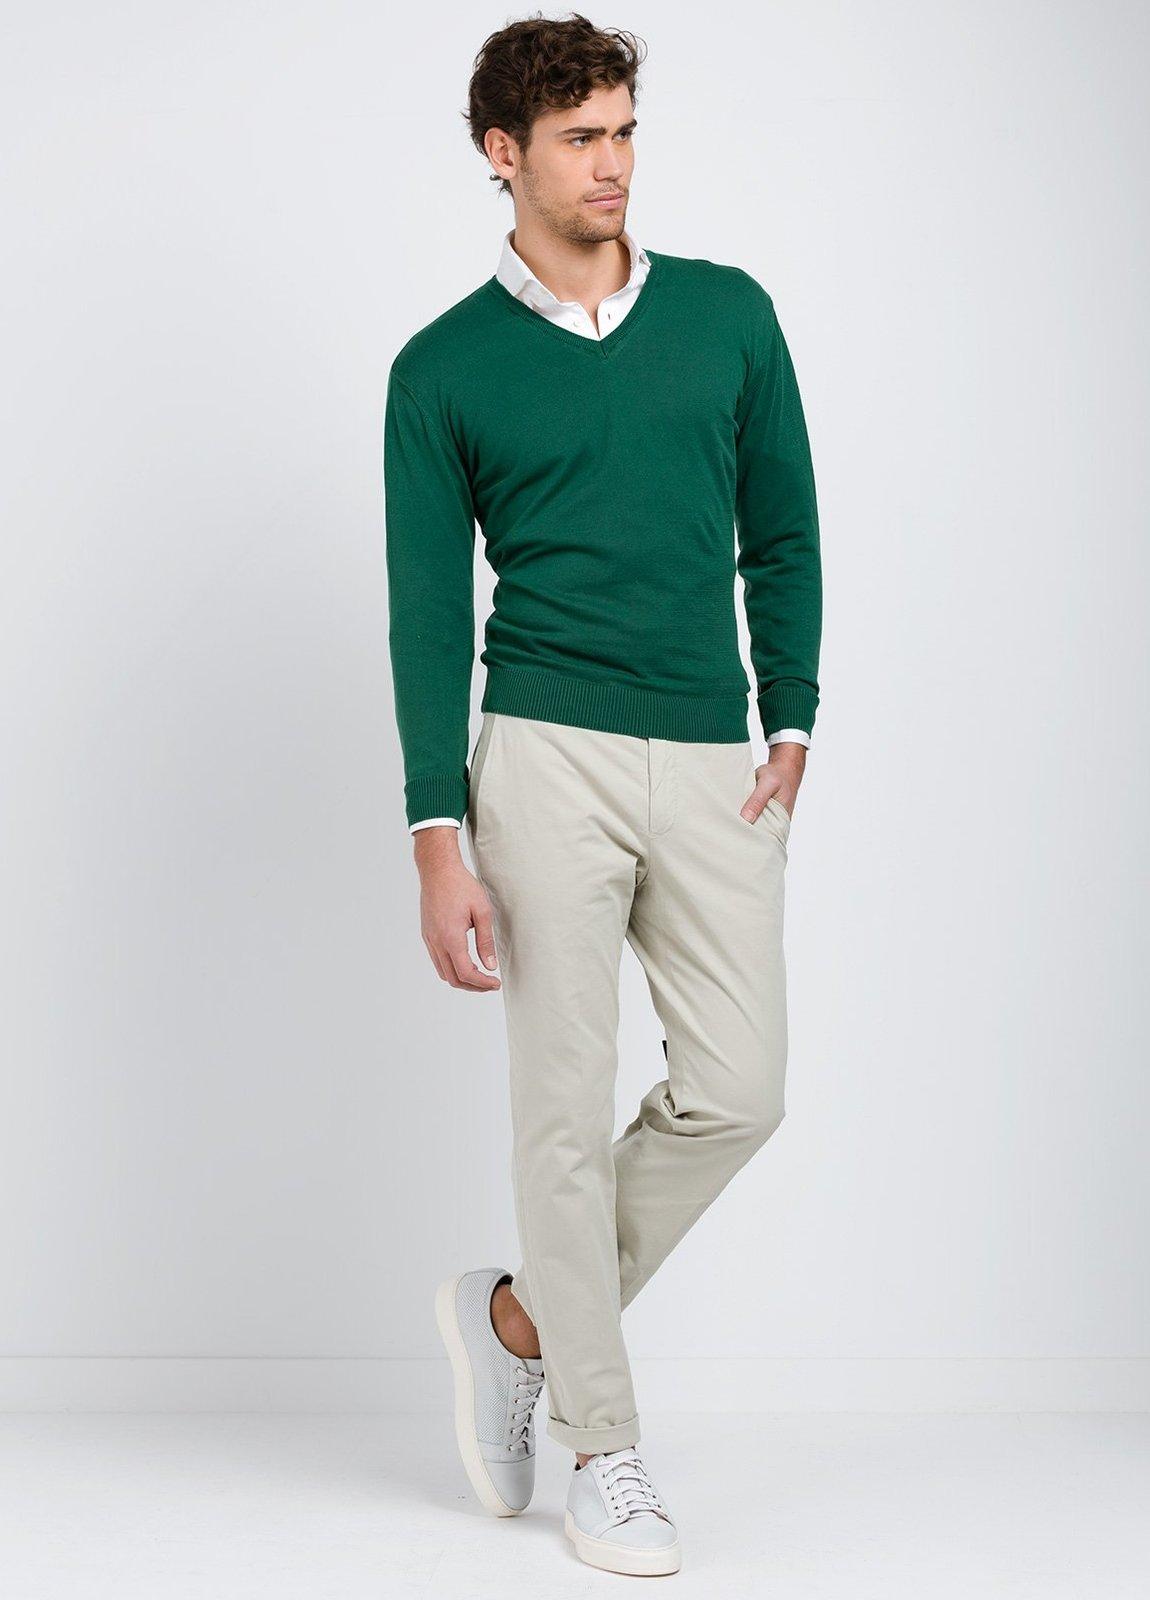 Jersey cuello pico color verde, 100% Algodón.